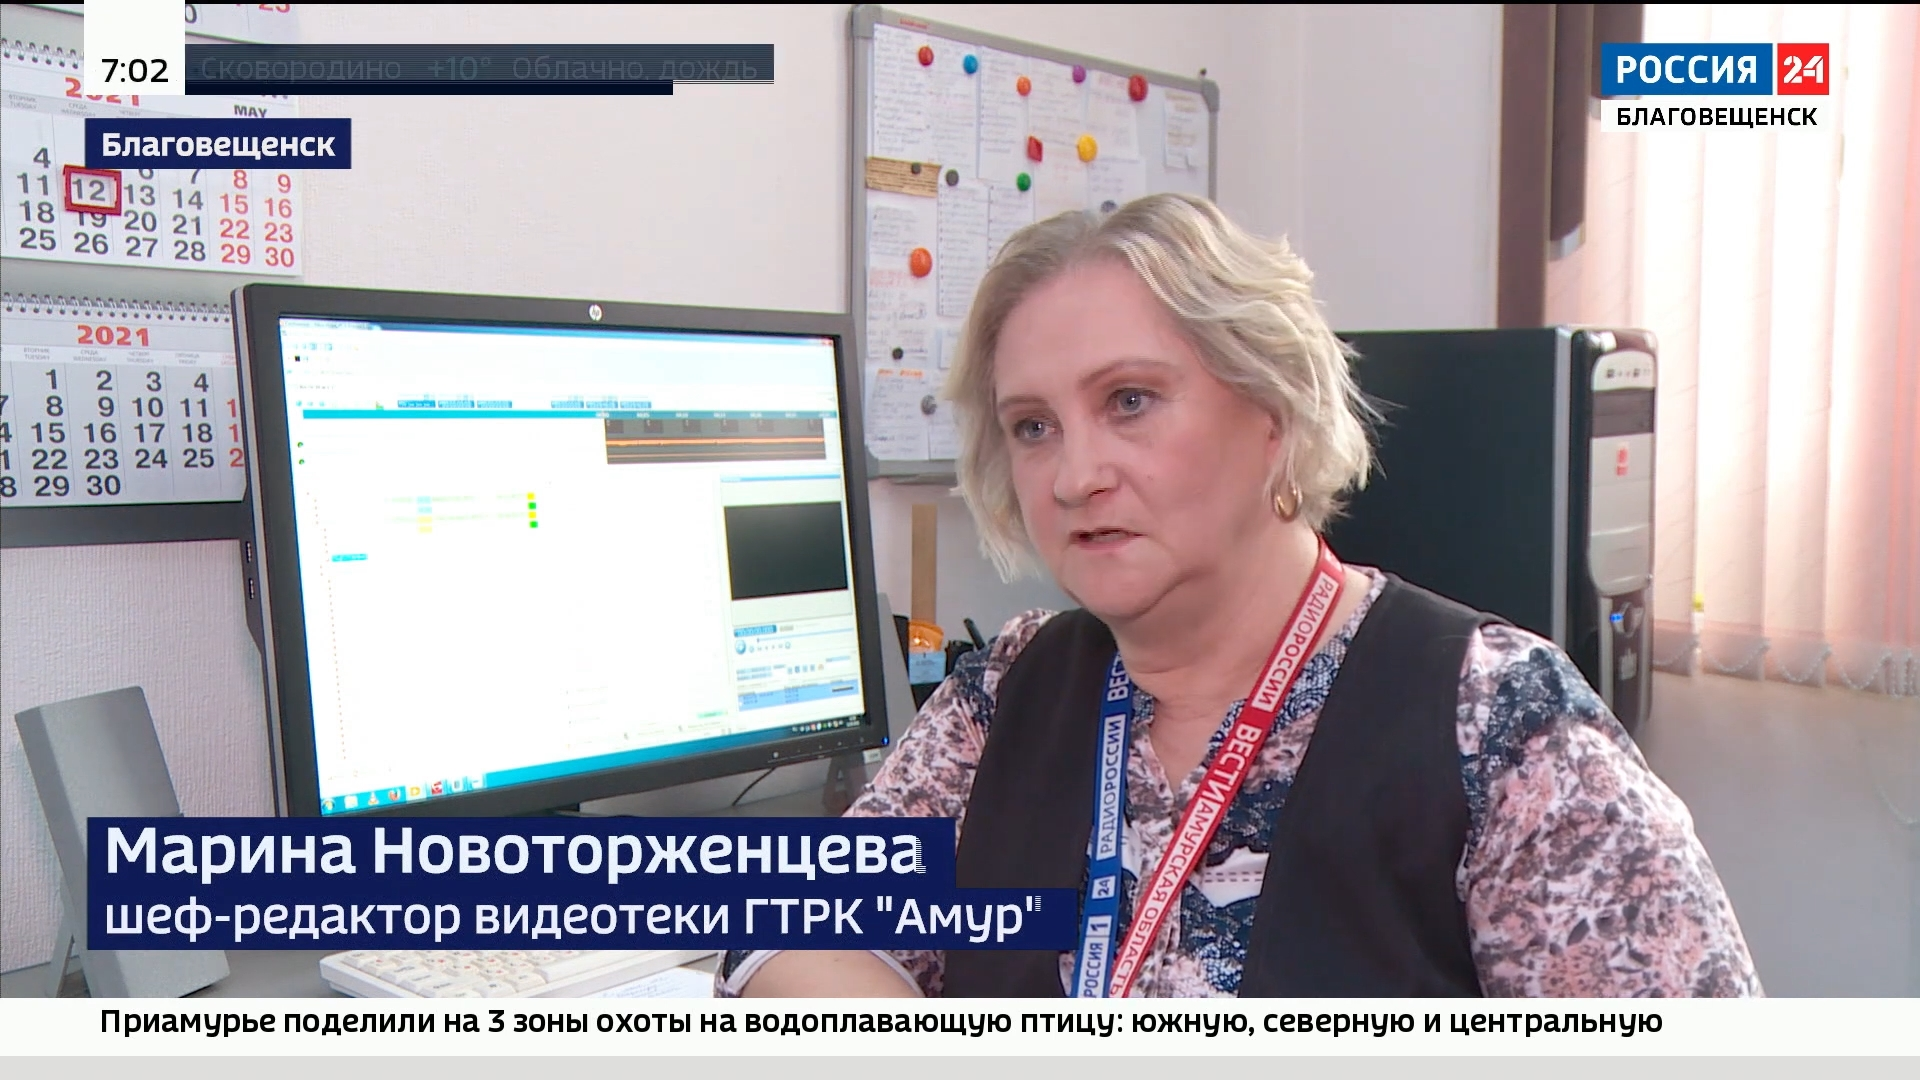 20210513_07-40--30 лет в эфире- сегодня ВГТРК празднует юбилей «Вестей»-pic07